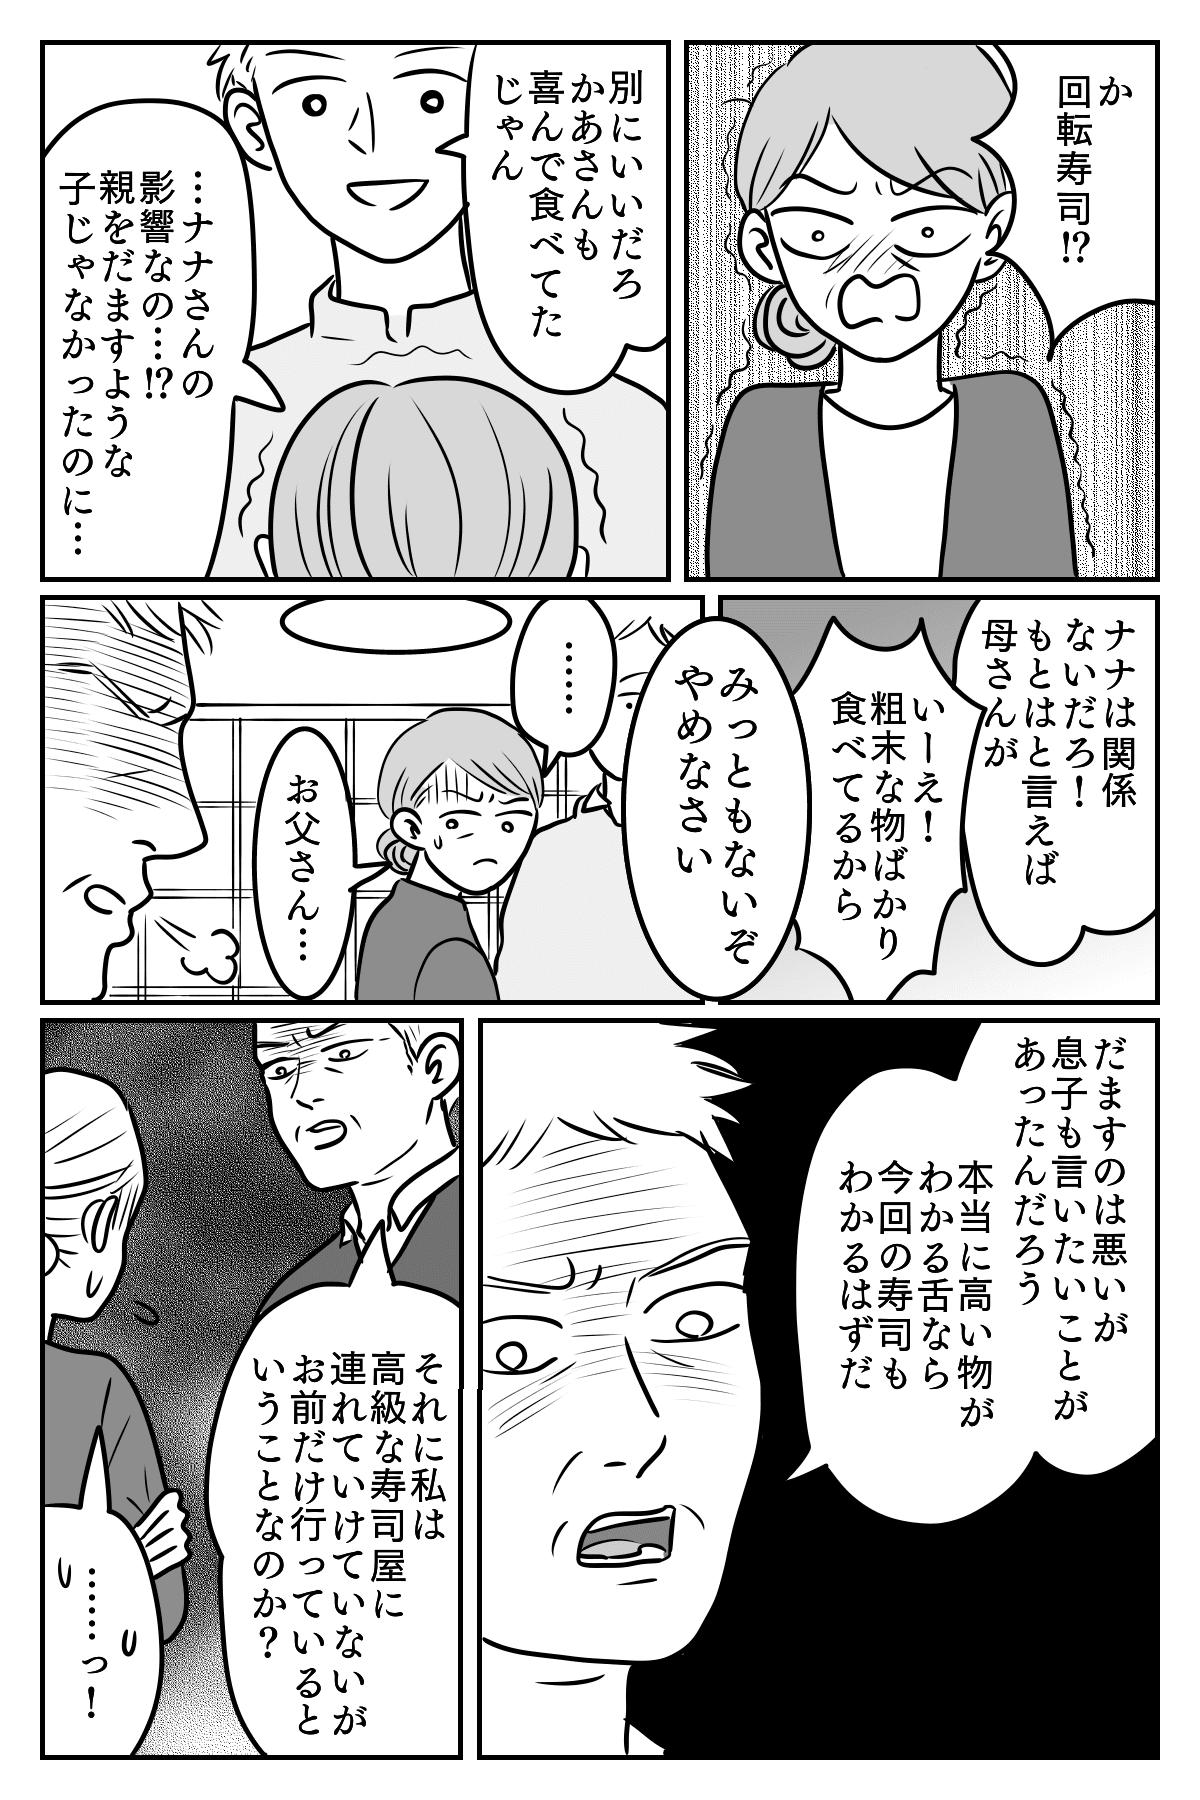 【後編】嫌味な義母への仕返し作戦!